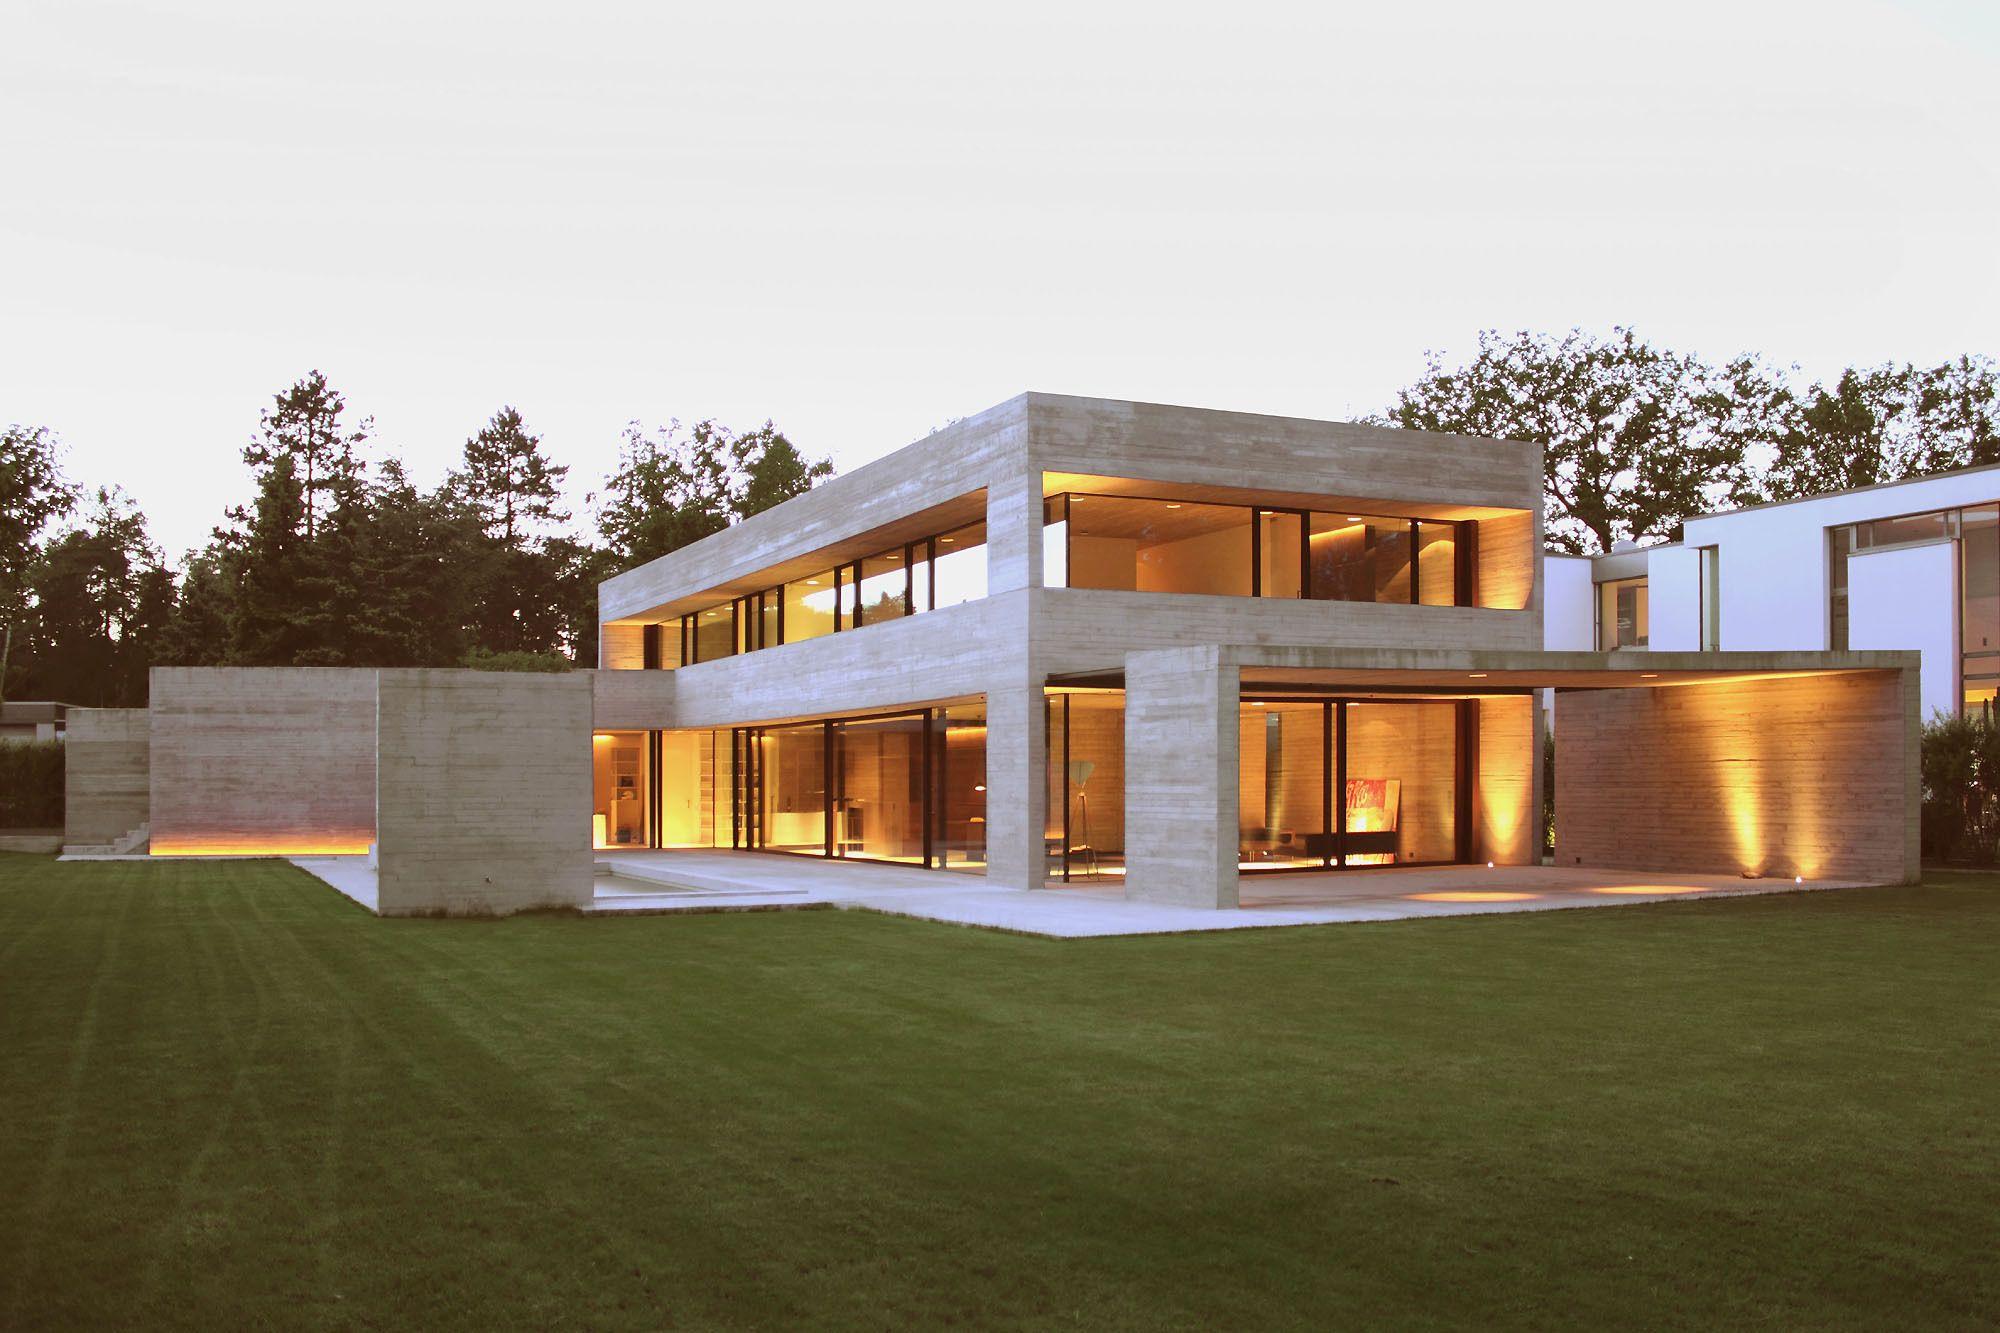 Kompromisslos in Braunschweig Wohnen in Holz und Beton